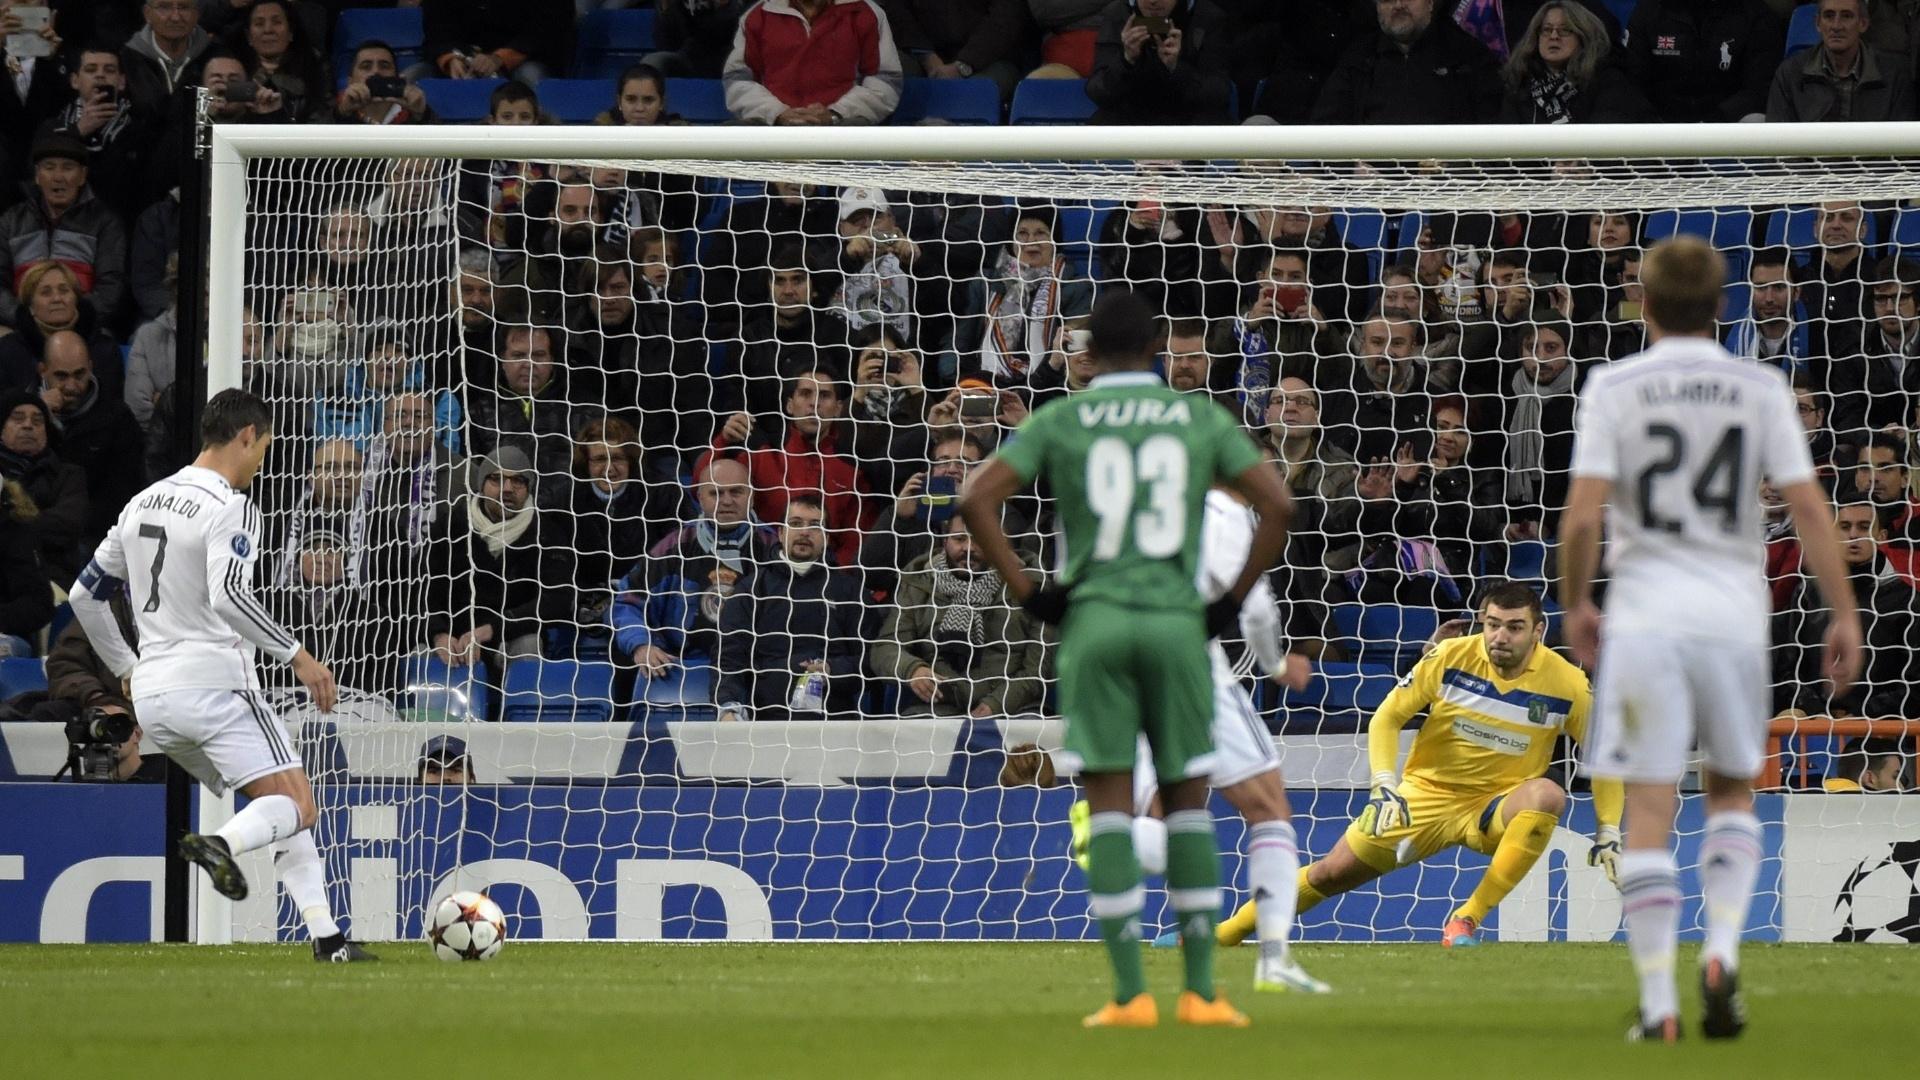 Cristiano Ronaldo cobra pênalti e abre o placar para o Real Madrid contra o Ludogorets